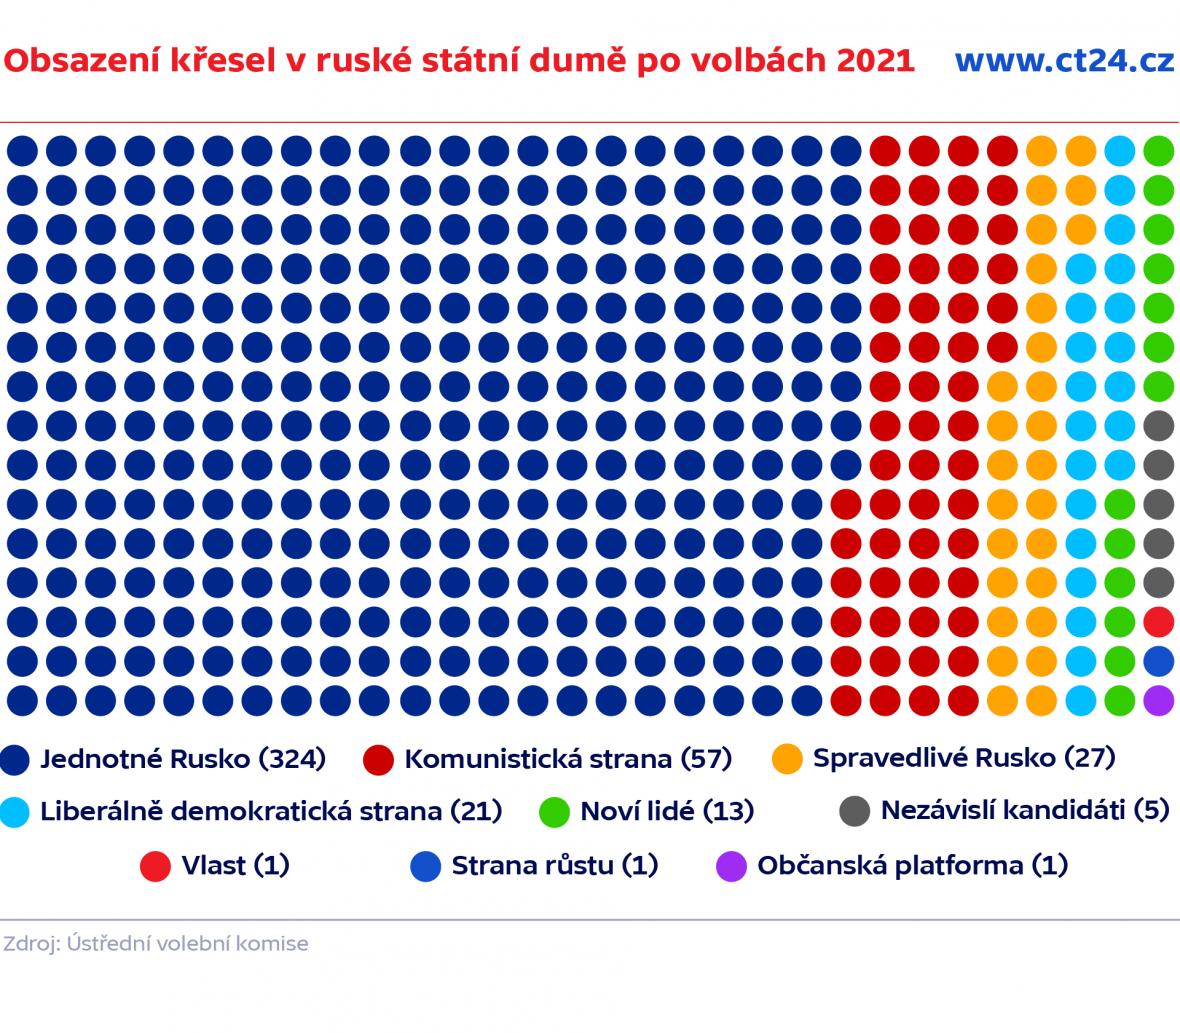 Obsazení křesel v ruské státní dumě po volbách 2021